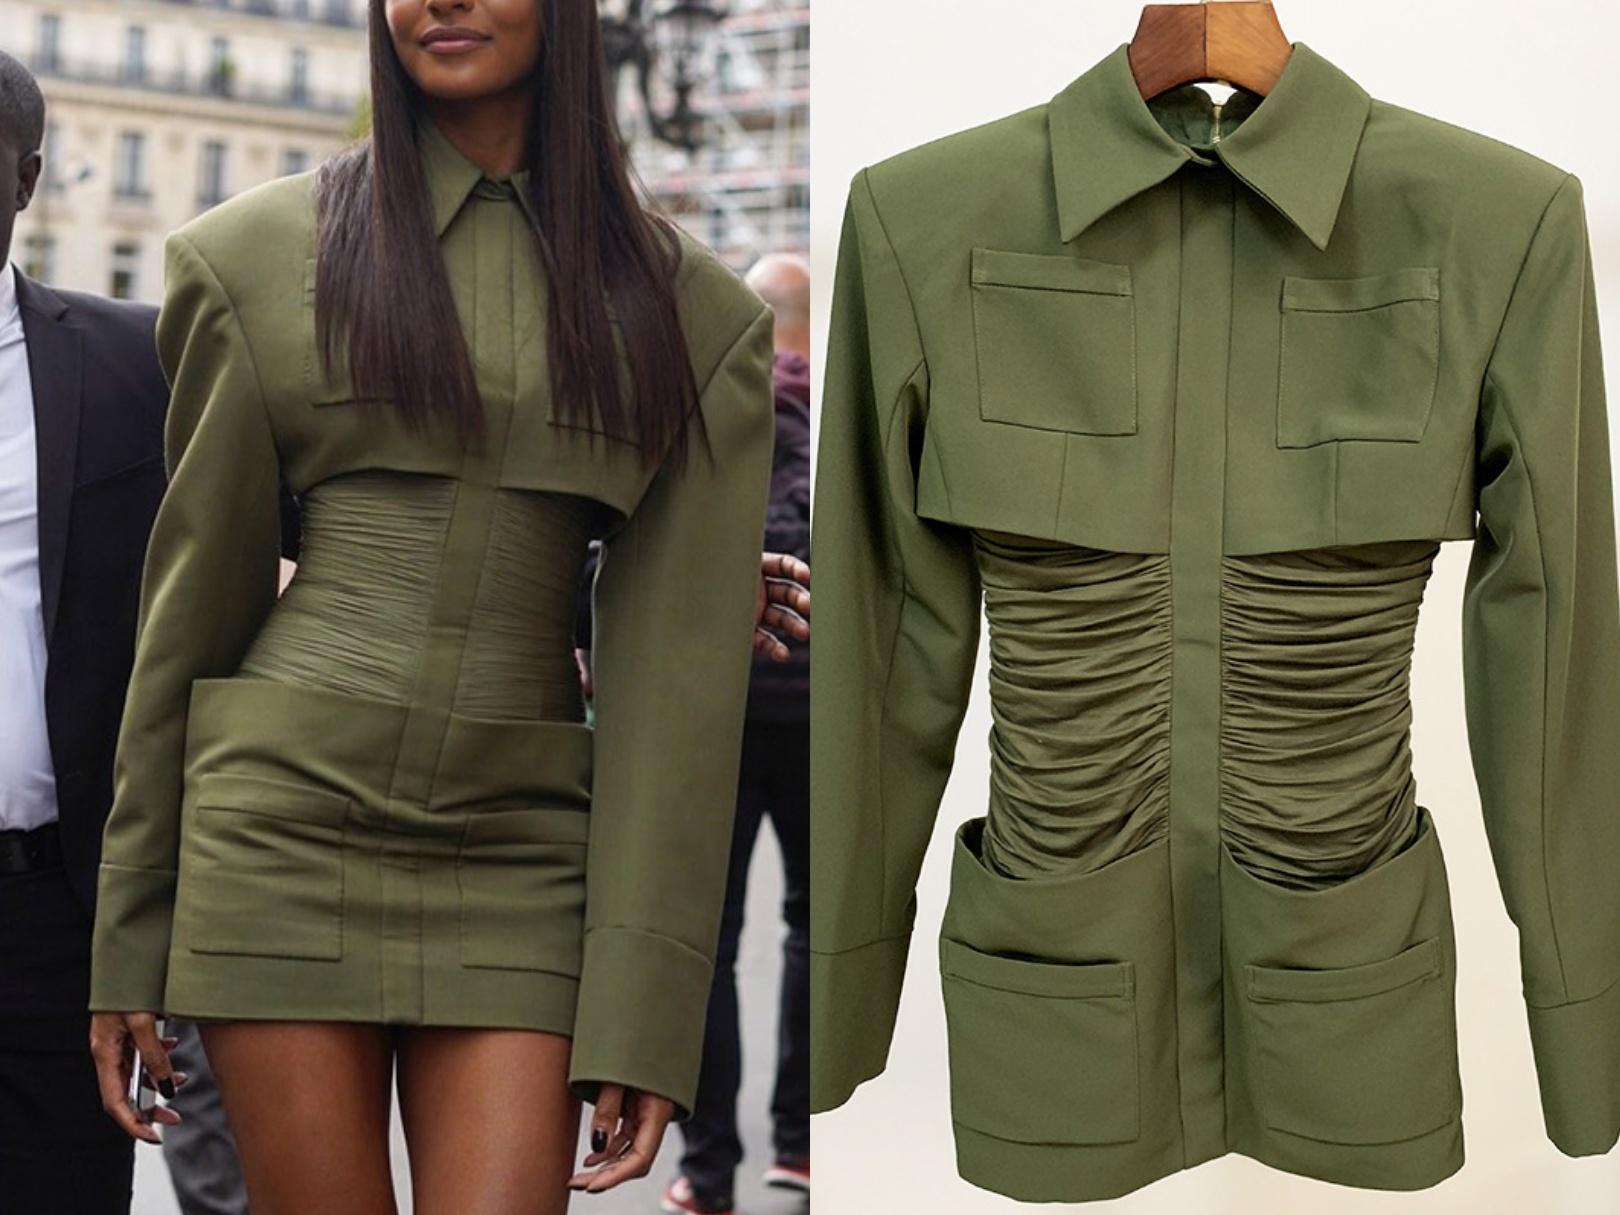 الأوروبية والأمريكية أحدث الموديلات نجم الانفجار سليم سميكة قميص الكتف حقيبة طوق مساء الورك فستان